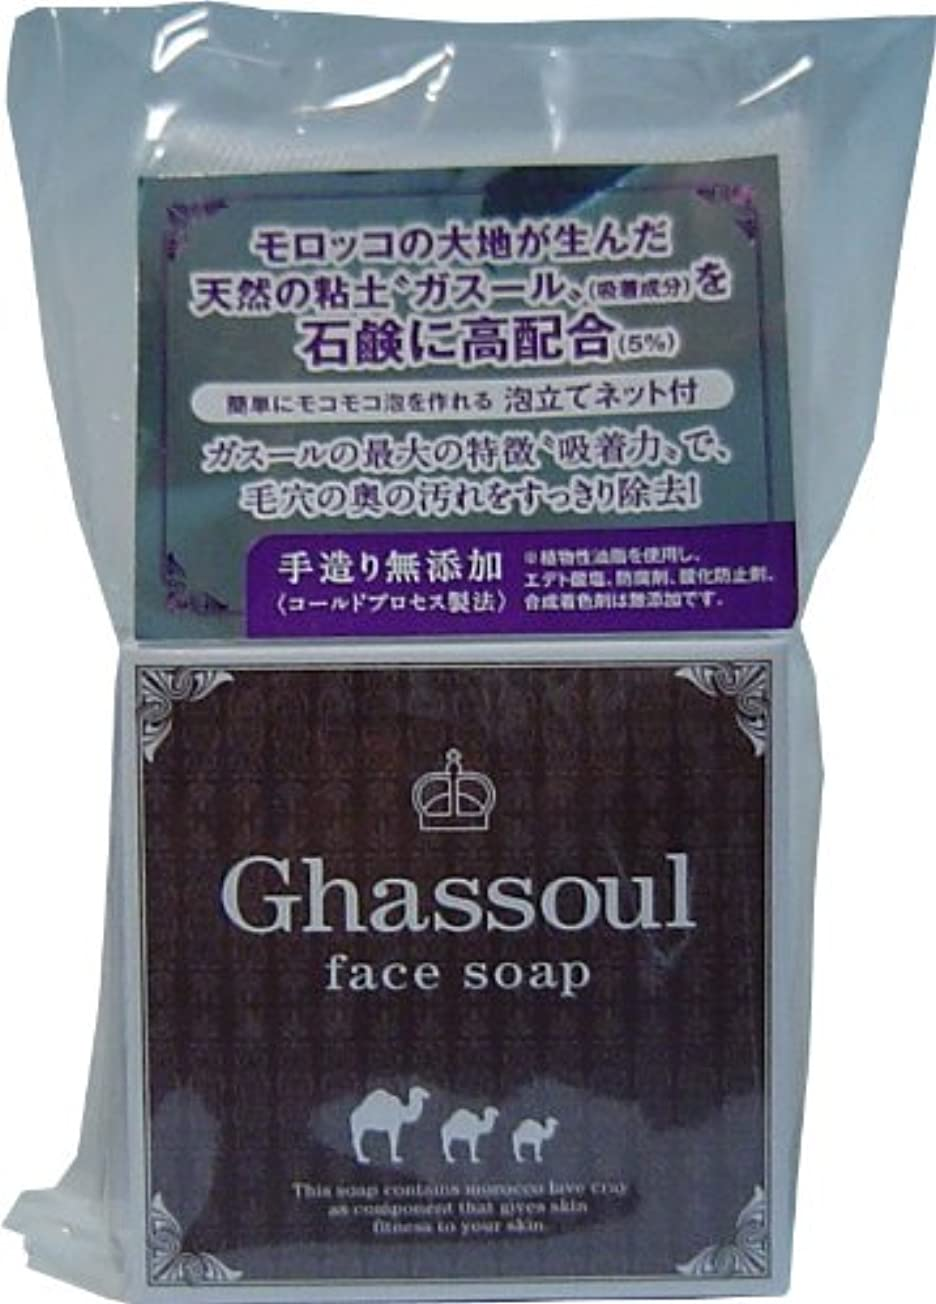 ミネラル食堂侵入Ghassoul face soap ガスールフェイスソープ 100g ×5個セット